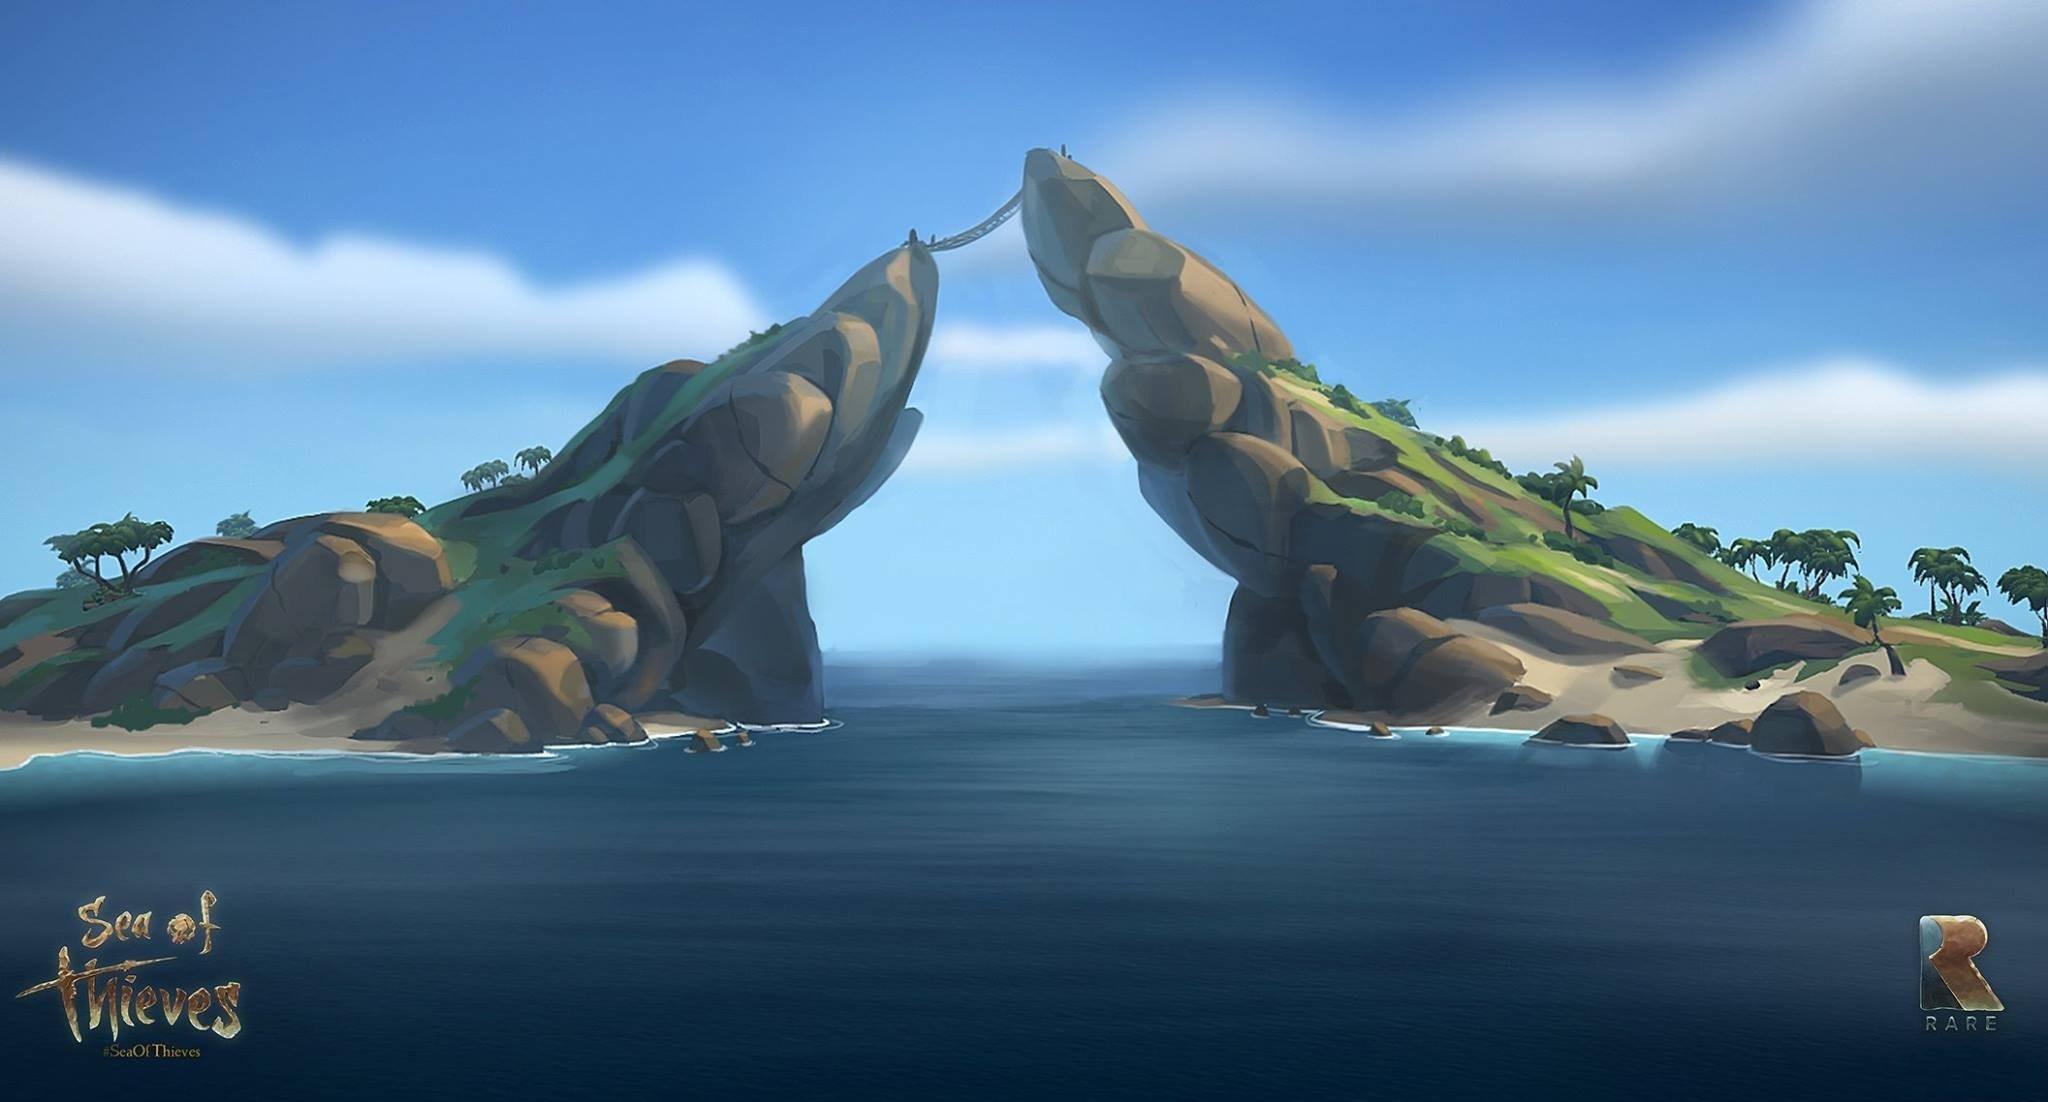 《海贼》新截图曝光神秘小岛